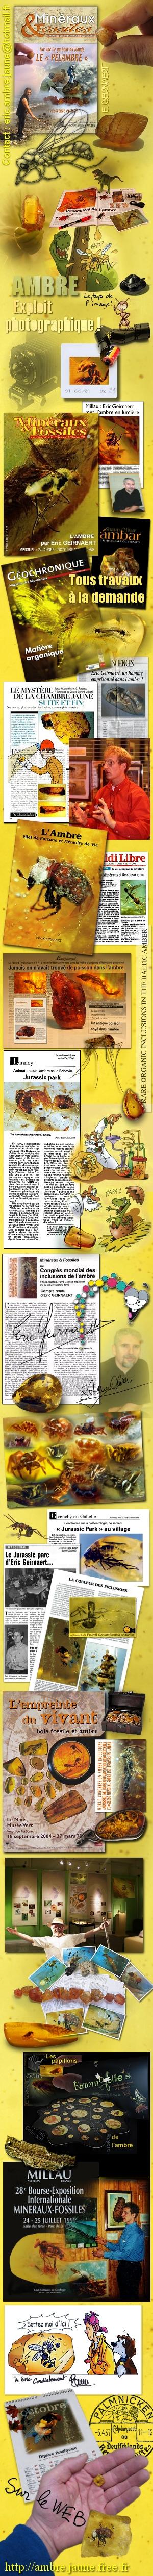 Quelques publication E.G.